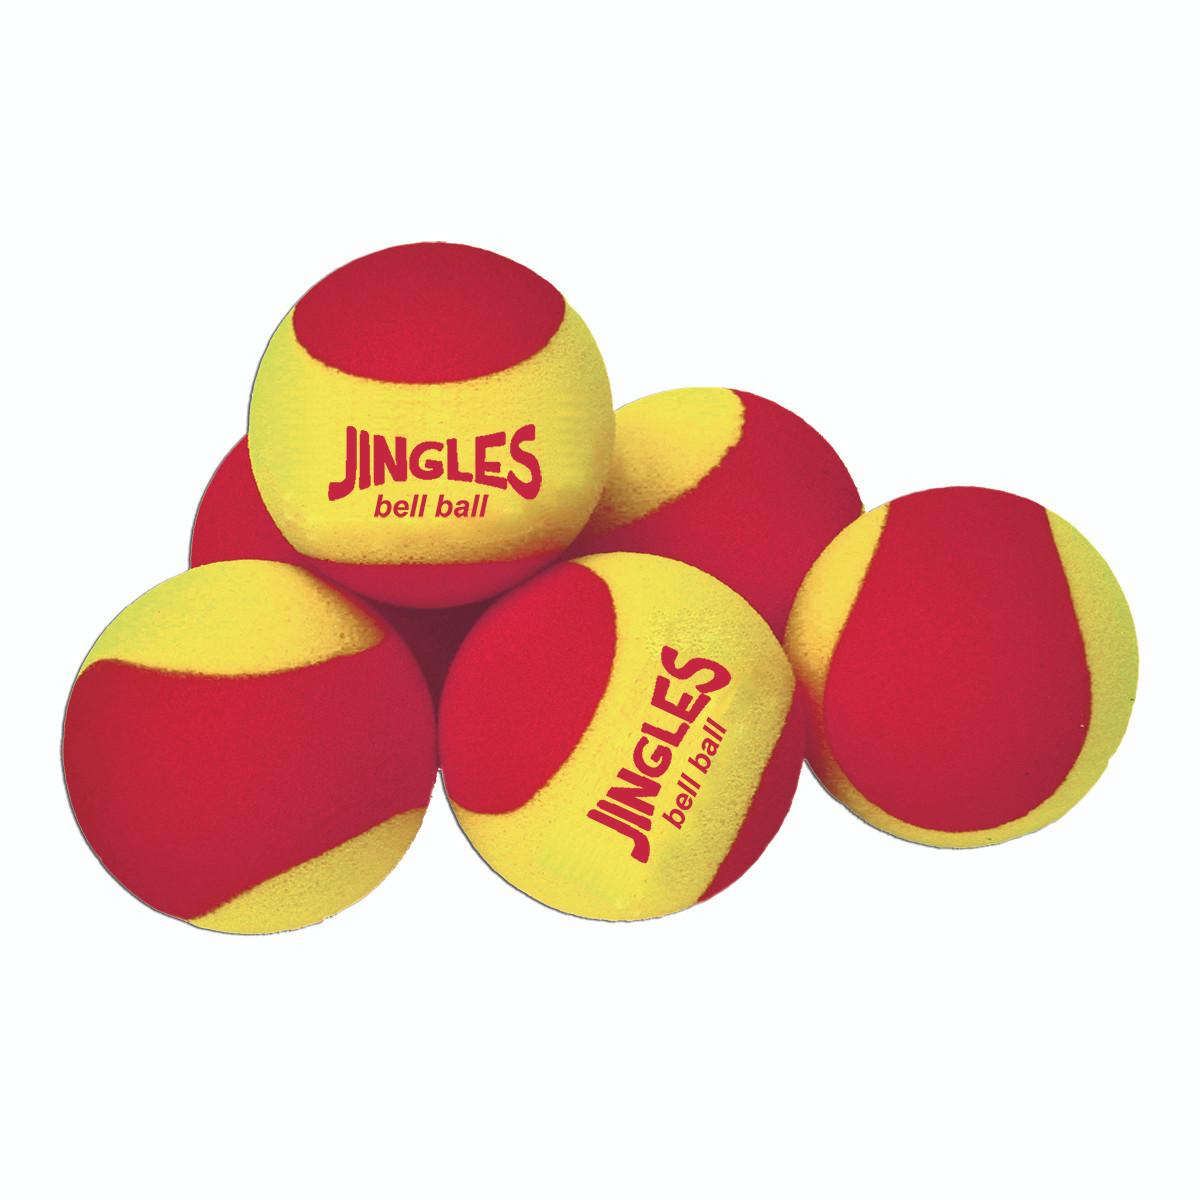 b93dd4aab0 Jingles Bell Balls - OnCourt OffCourt